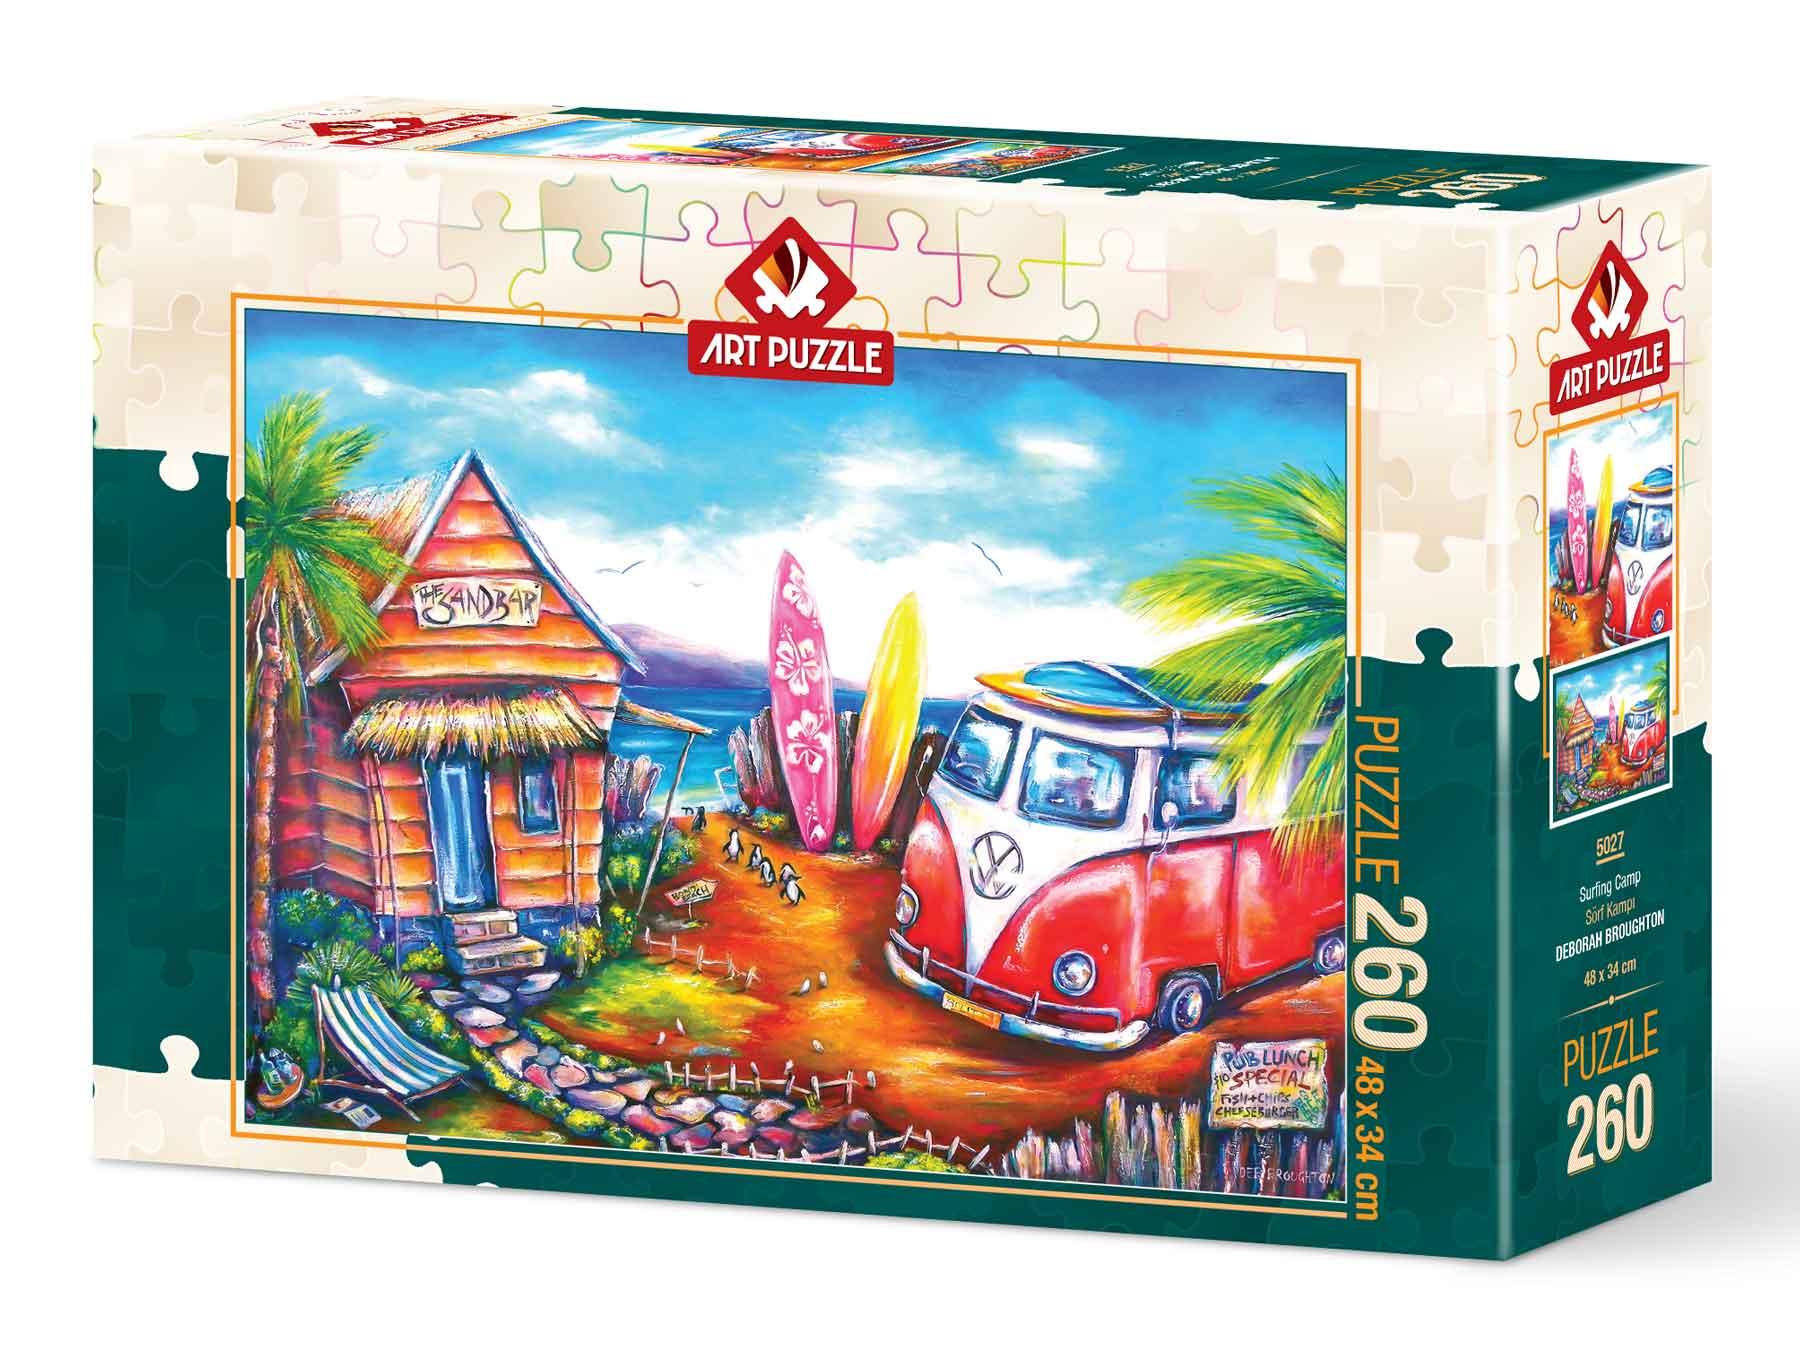 Puzzle Art Puzzle Campamento Surfero de 260 Piezas